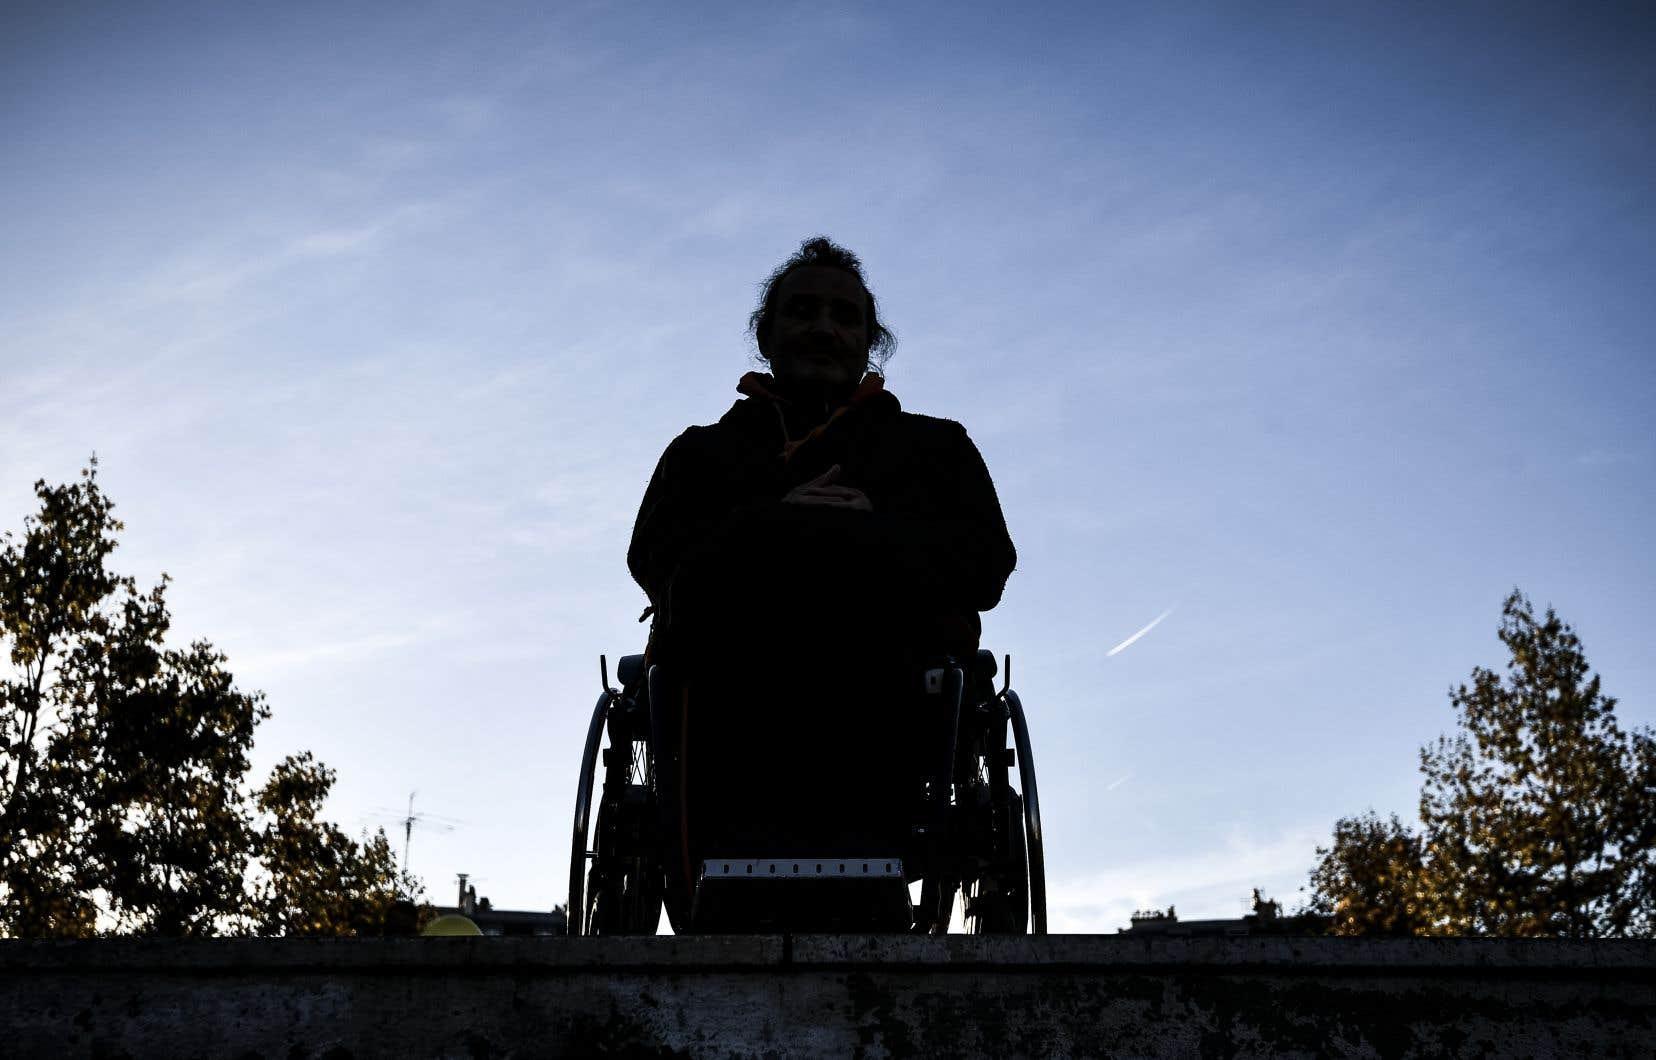 De nombreuses équipes s'affrontent à travers le monde. Qui fera remarcher, le premier, le mieux ces patients lourdement handicapés?